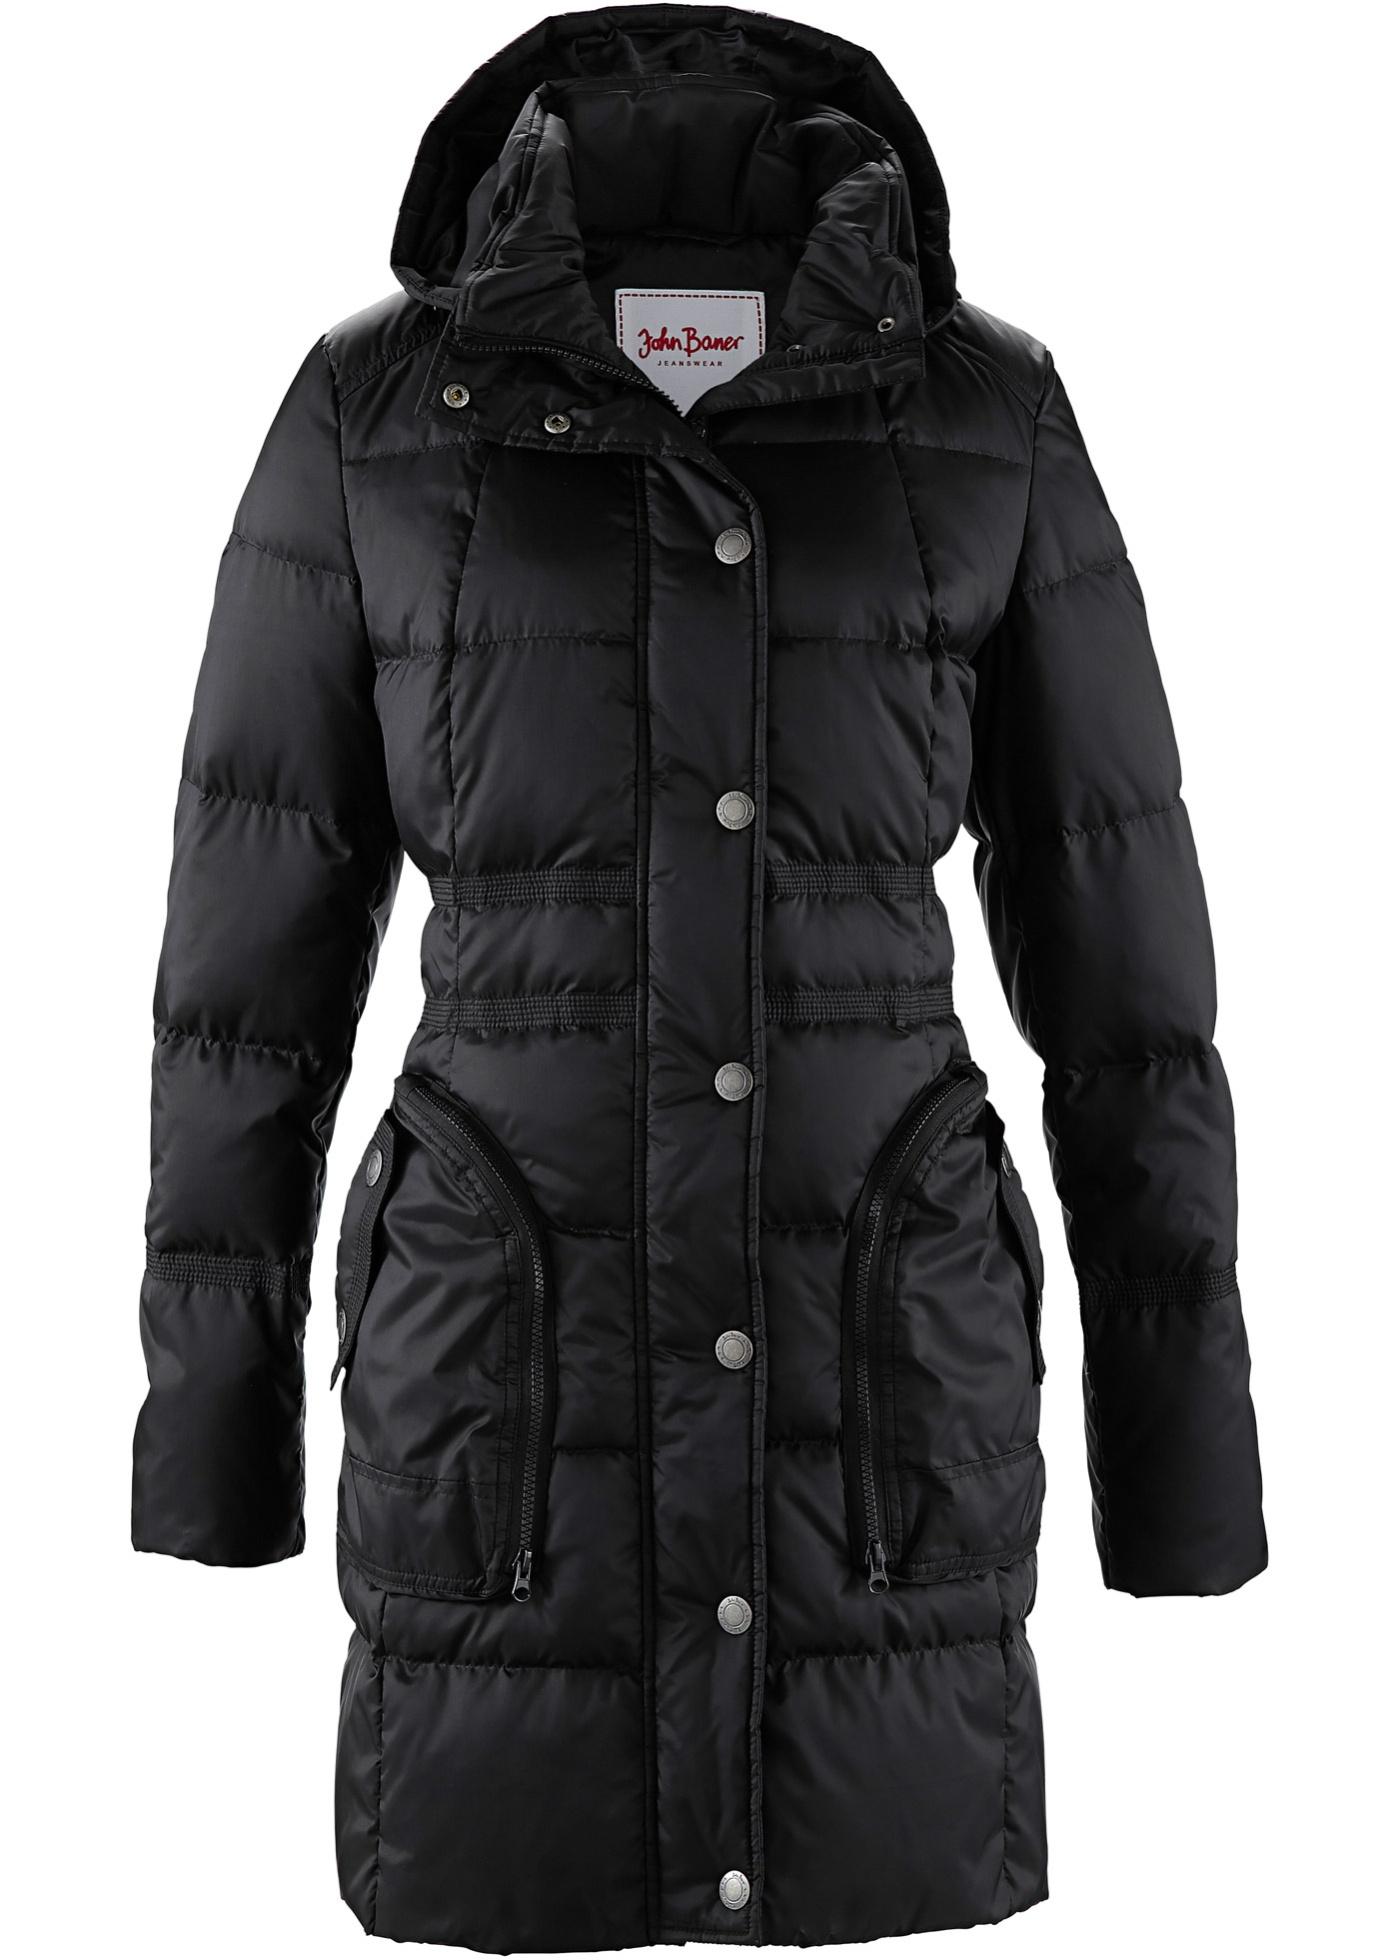 John Baner JEANSWEAR Daunenmantel langarm  in schwarz für Damen von bonprix Damenmode > Damenbekleidung > Damen Jacken & Mäntel > Mäntel